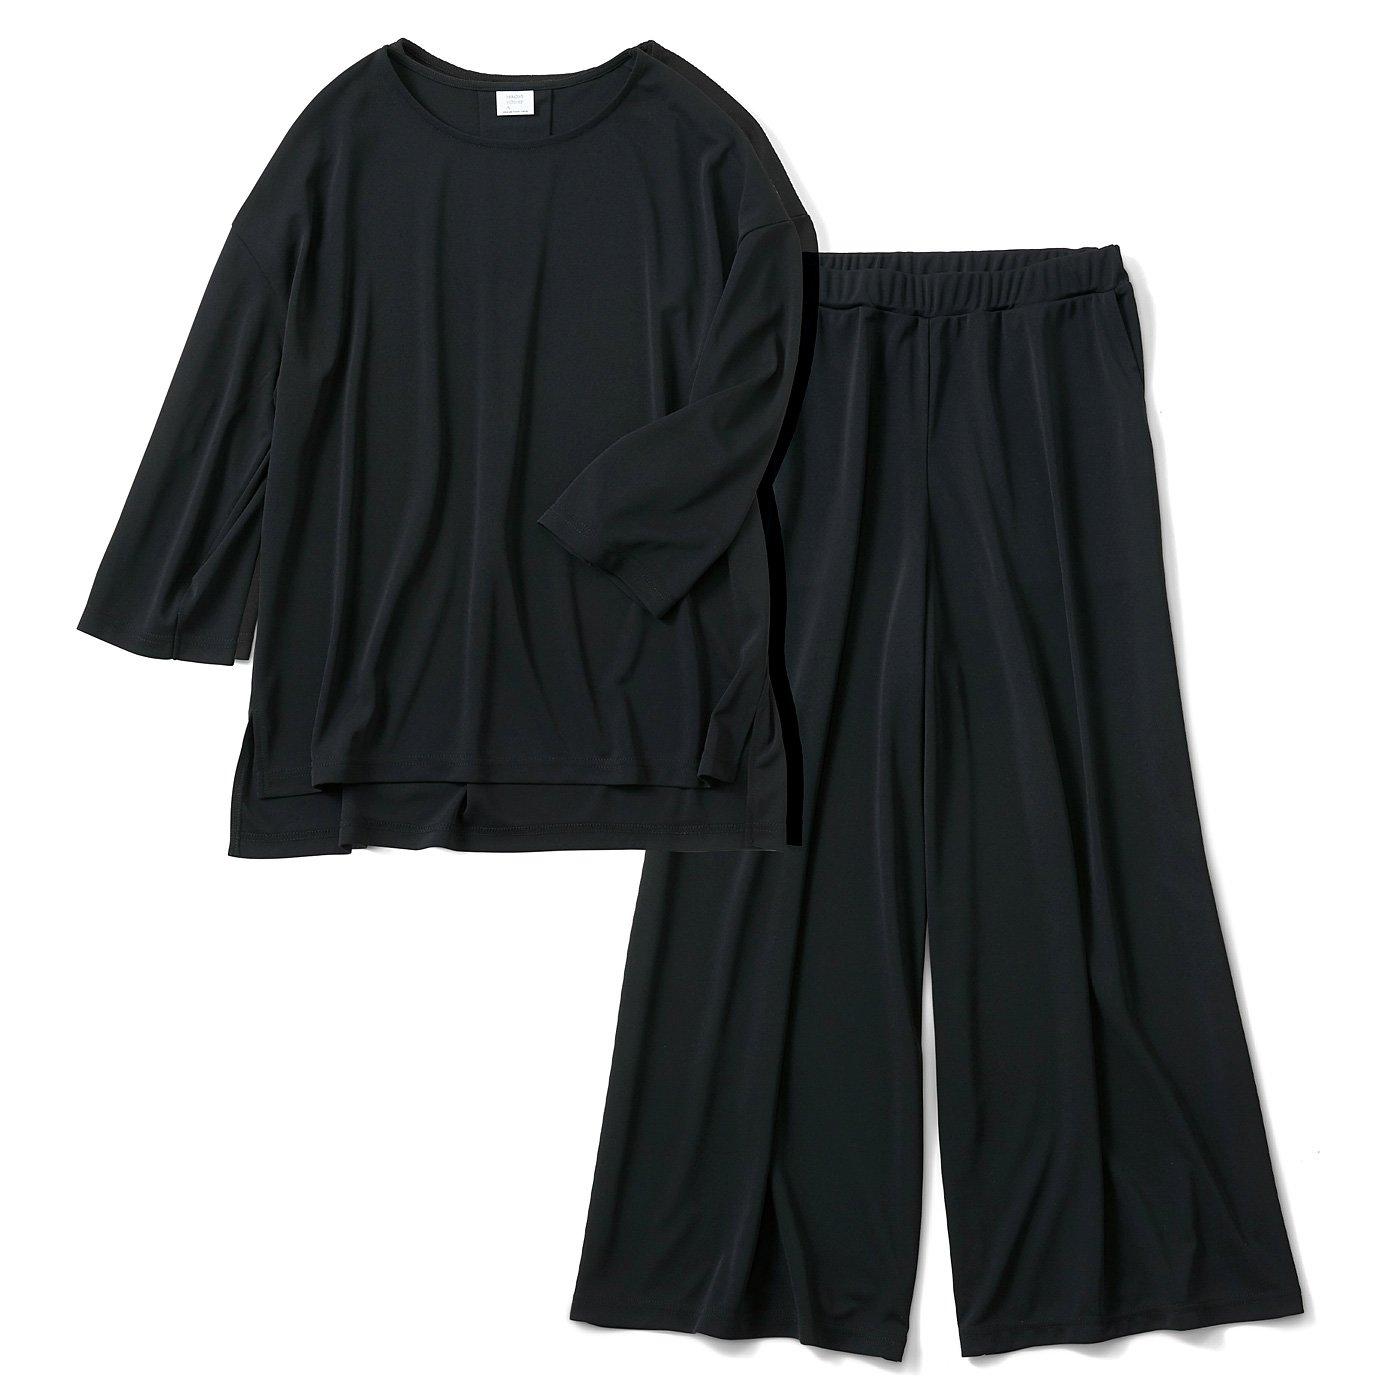 HIROMI YOSHIDA. きちんときれいなパンツセットアップ〈ブラック〉